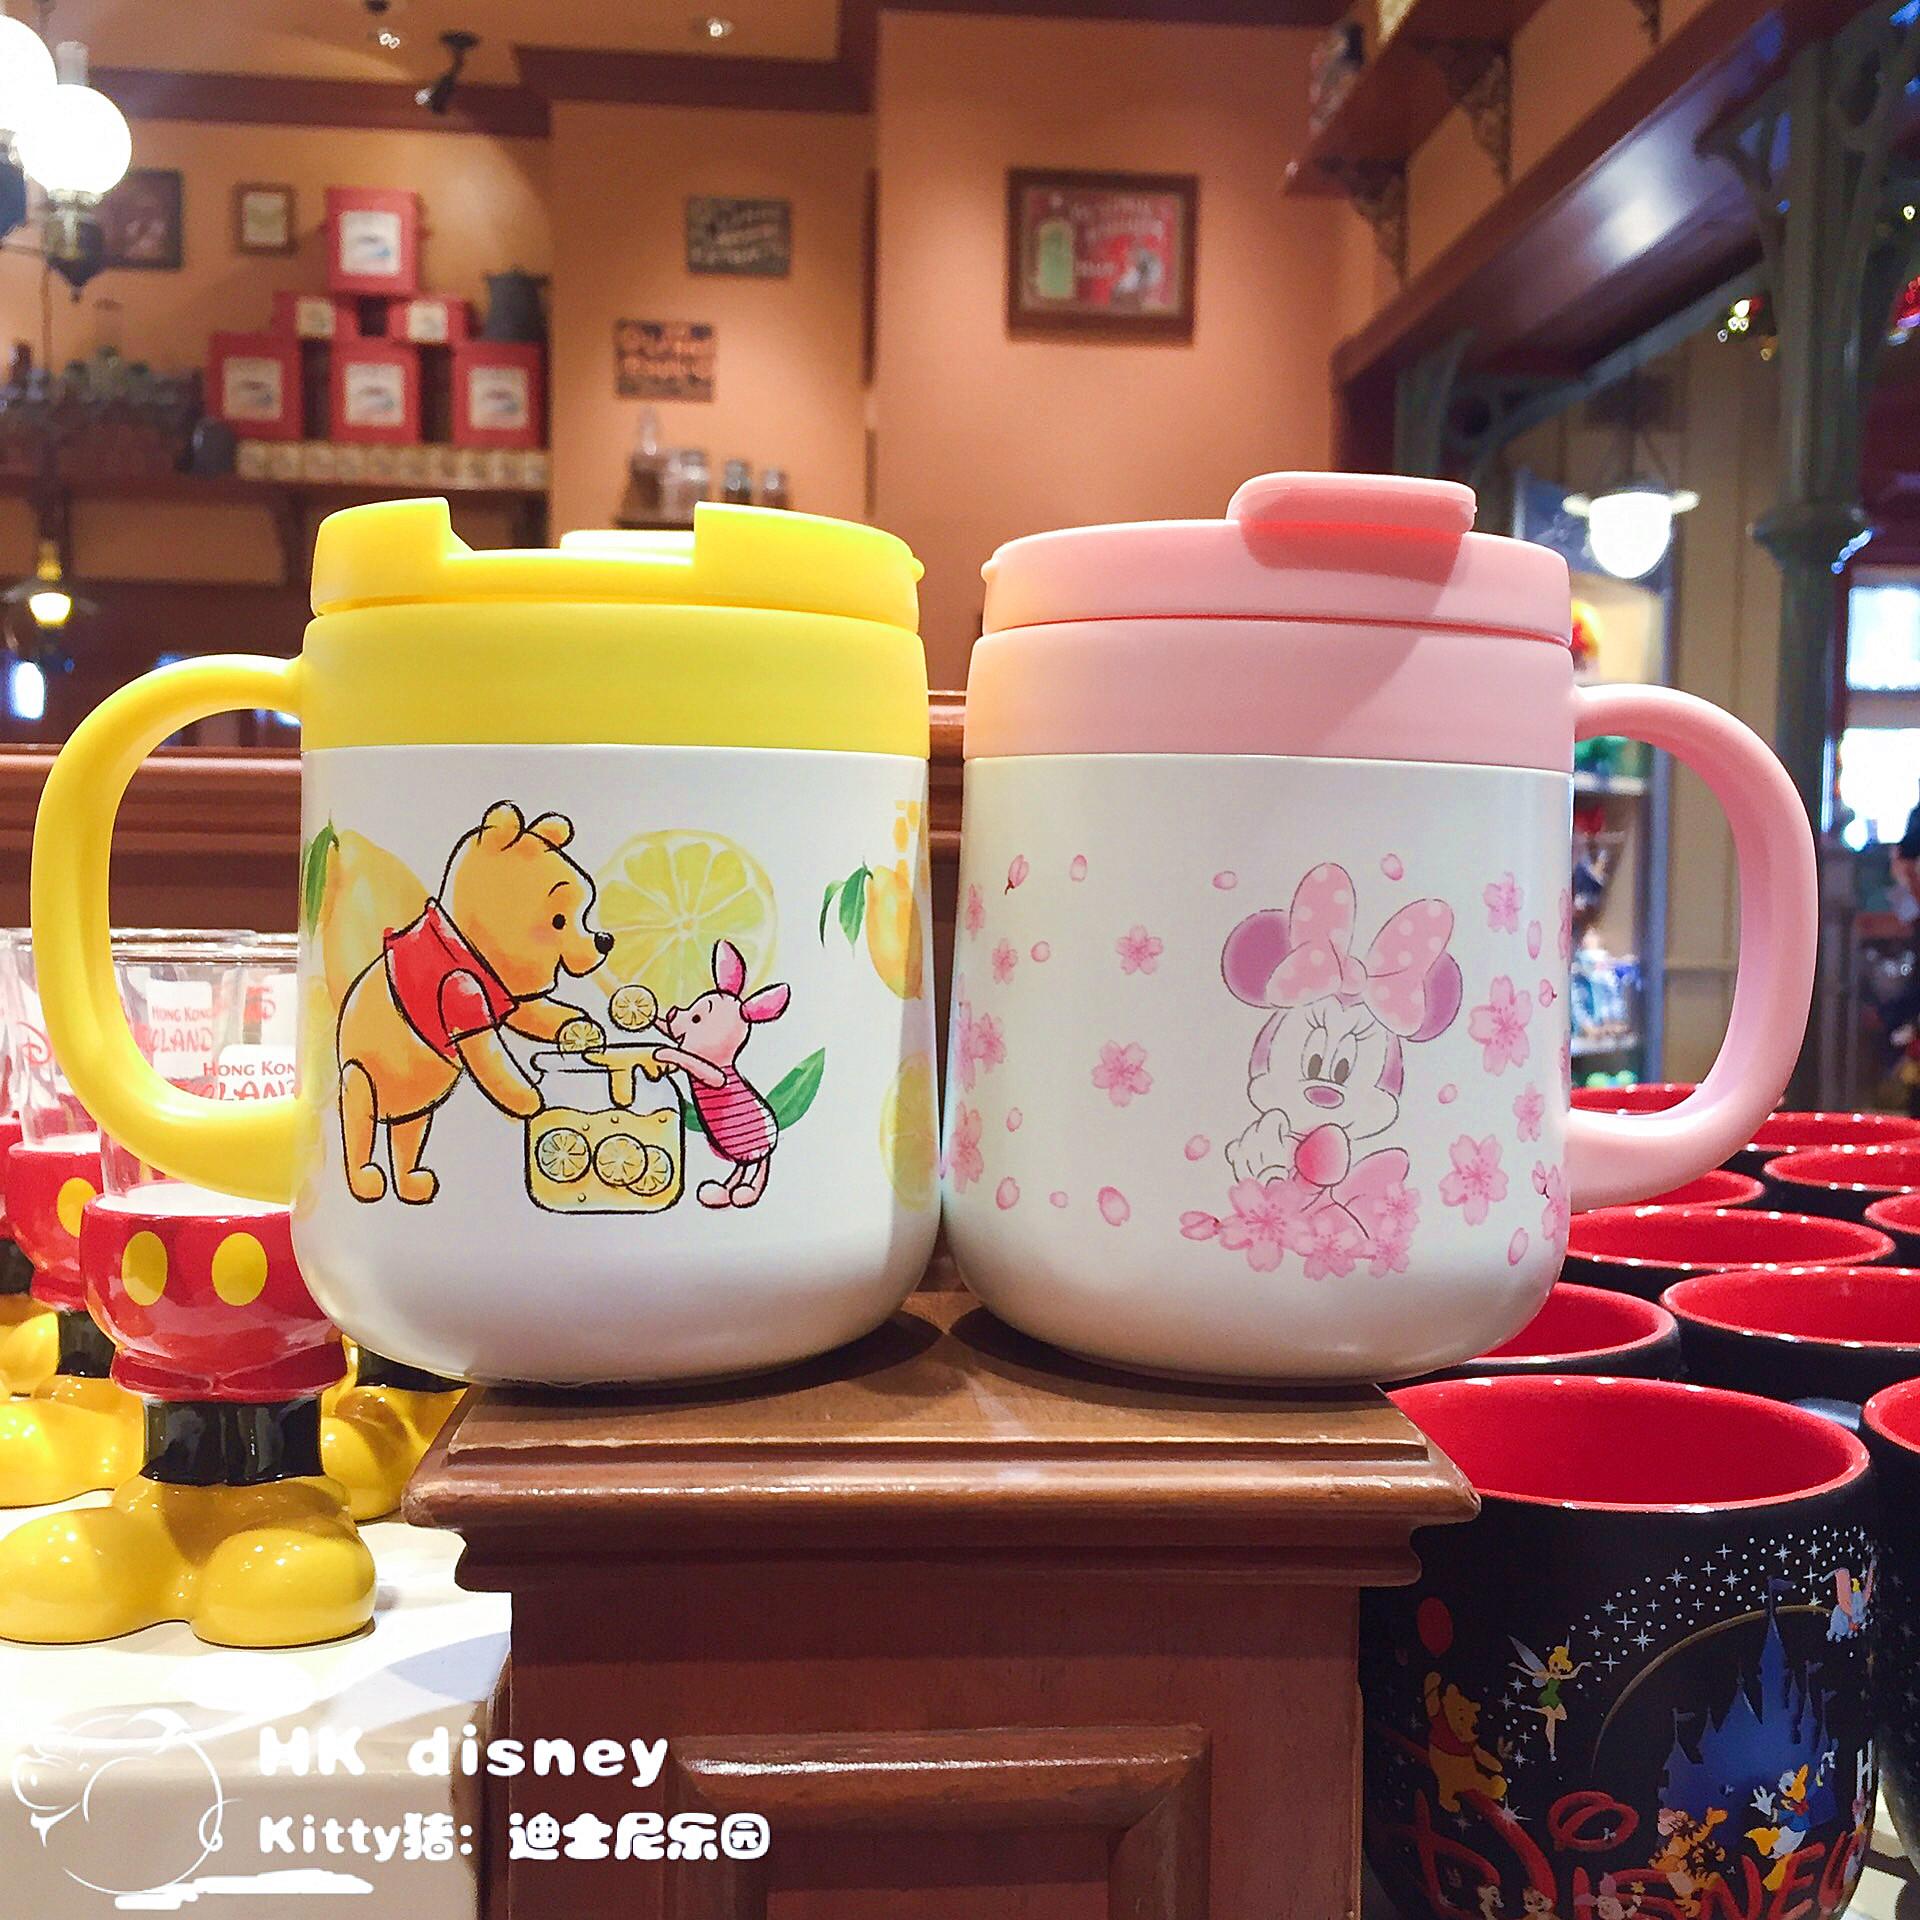 香港迪士尼 米妮 维尼熊 卡通儿童不锈钢水杯 保温杯 带盖子 水壶